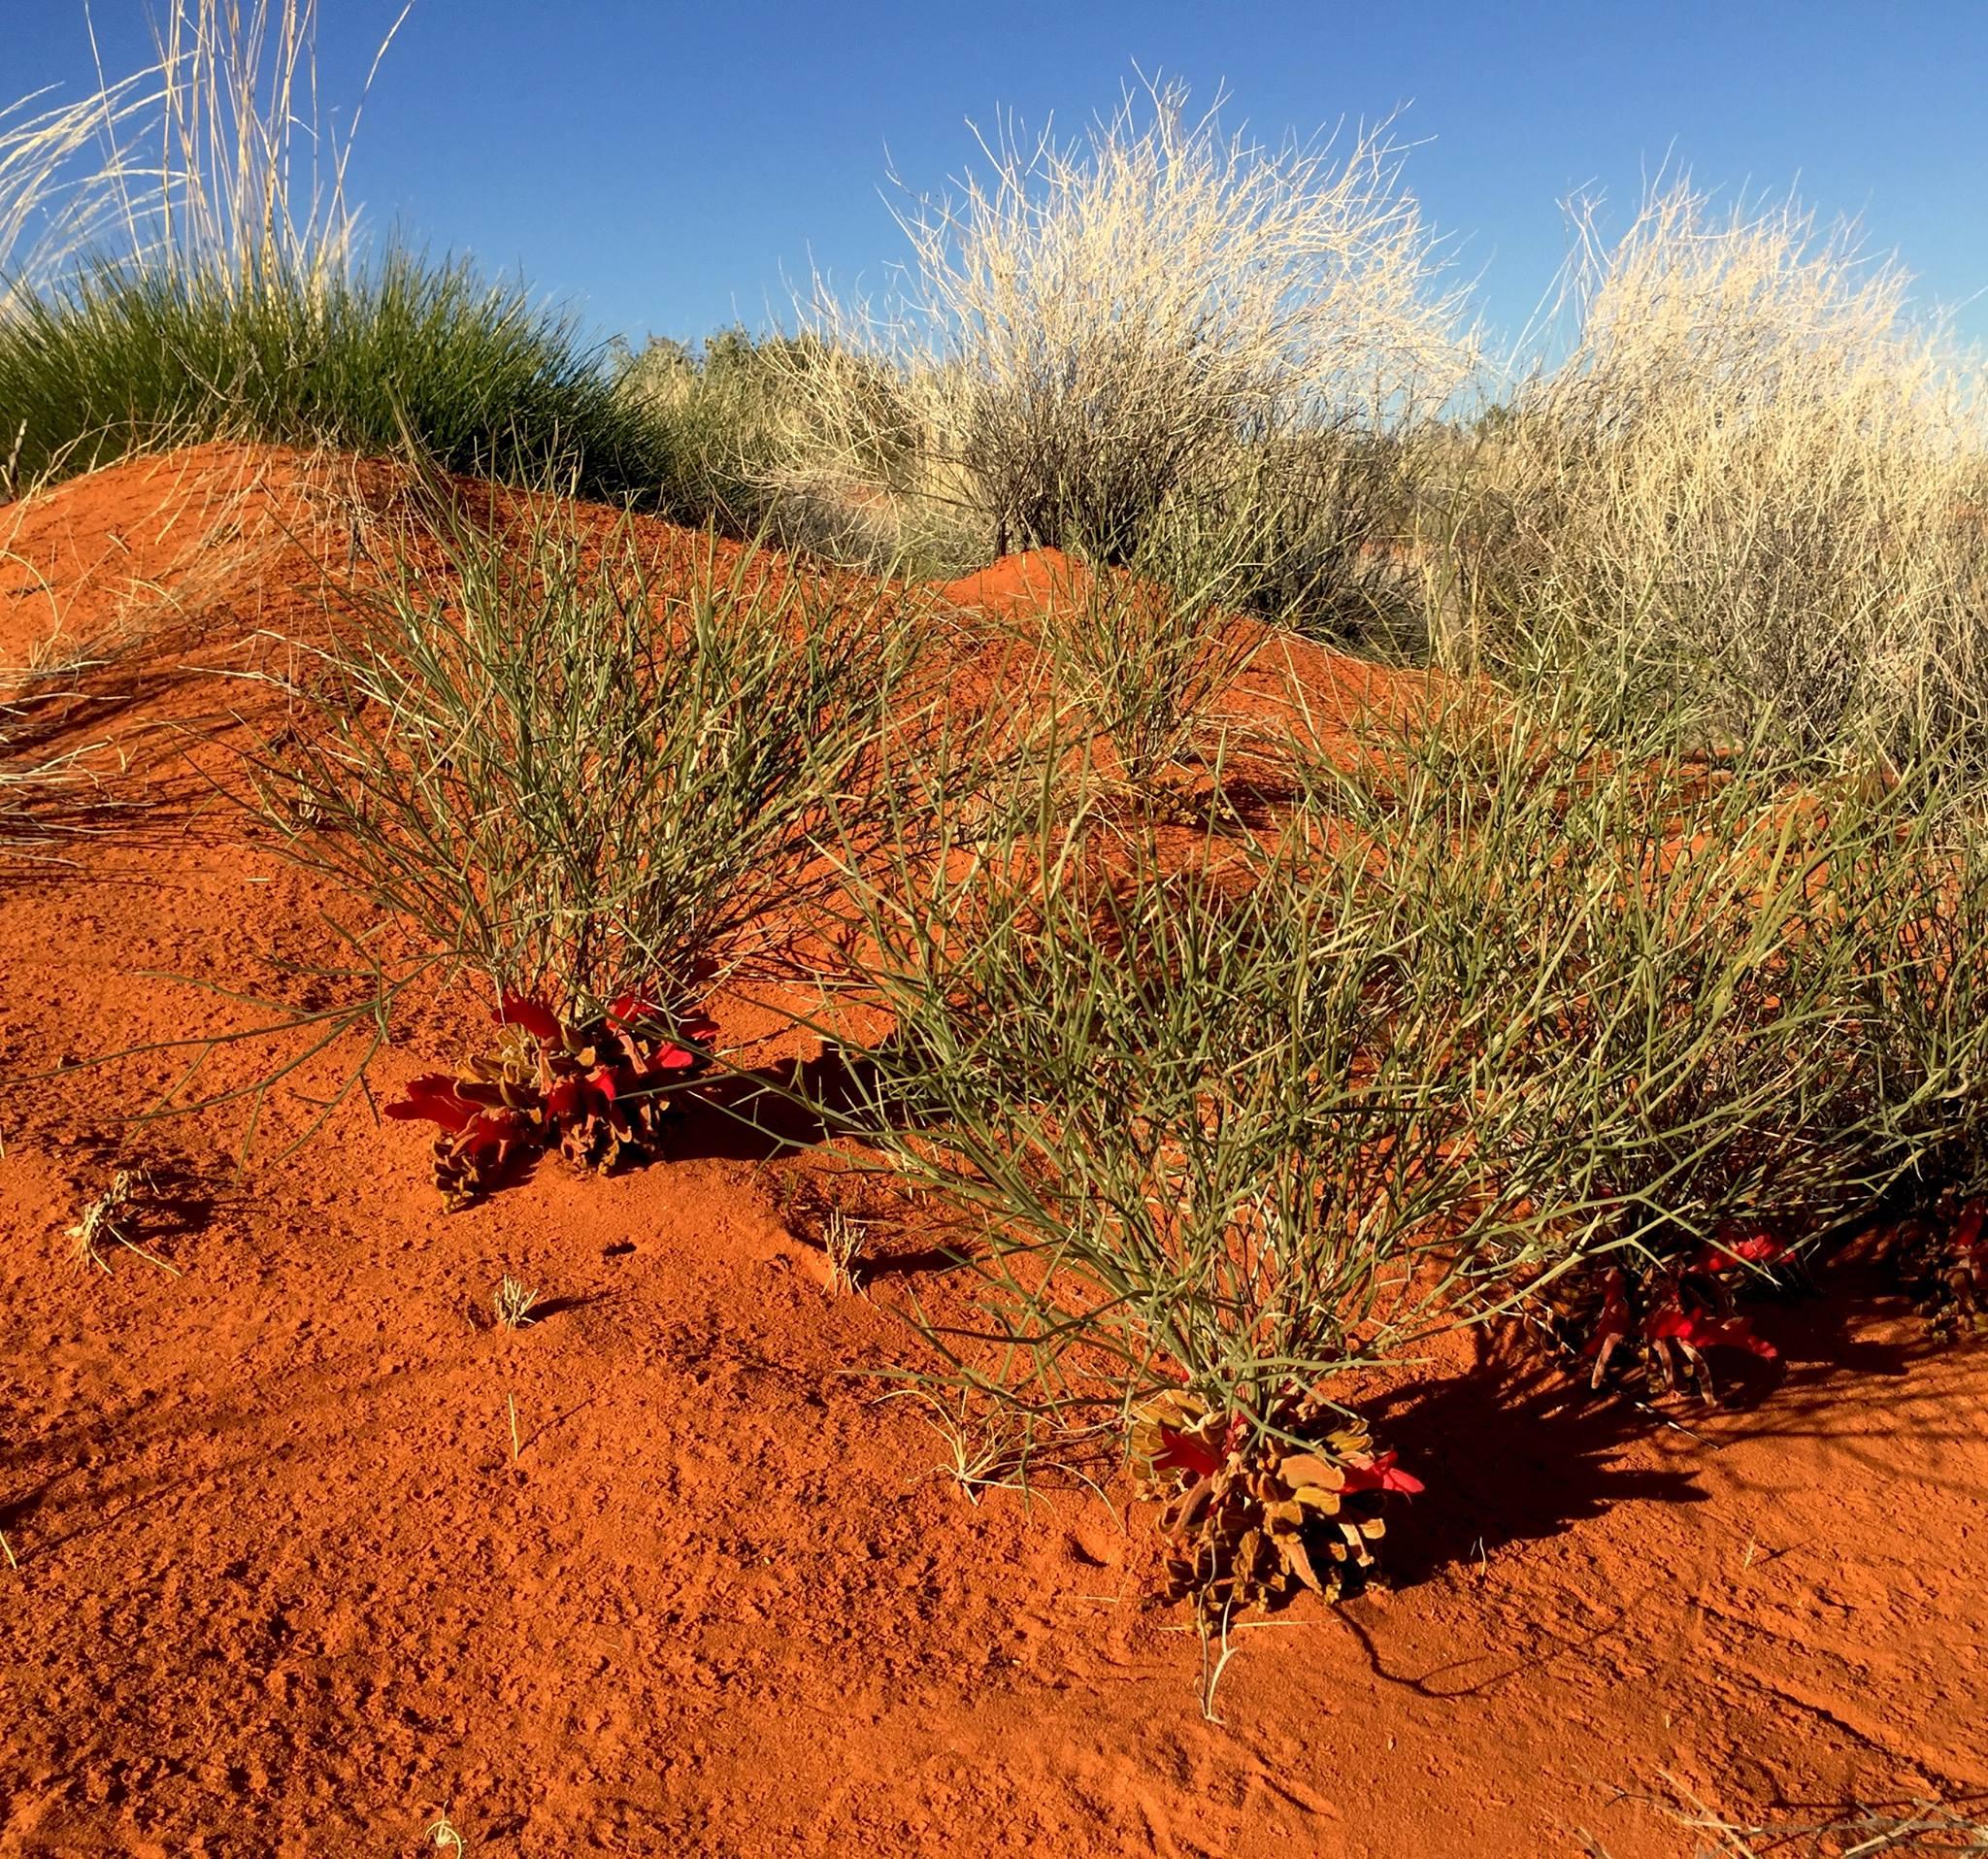 Au creux des dunes de sable, les fleurs ont la tête à l'envers. © Photo : Aboriginal Signature • Estrangin Gallery